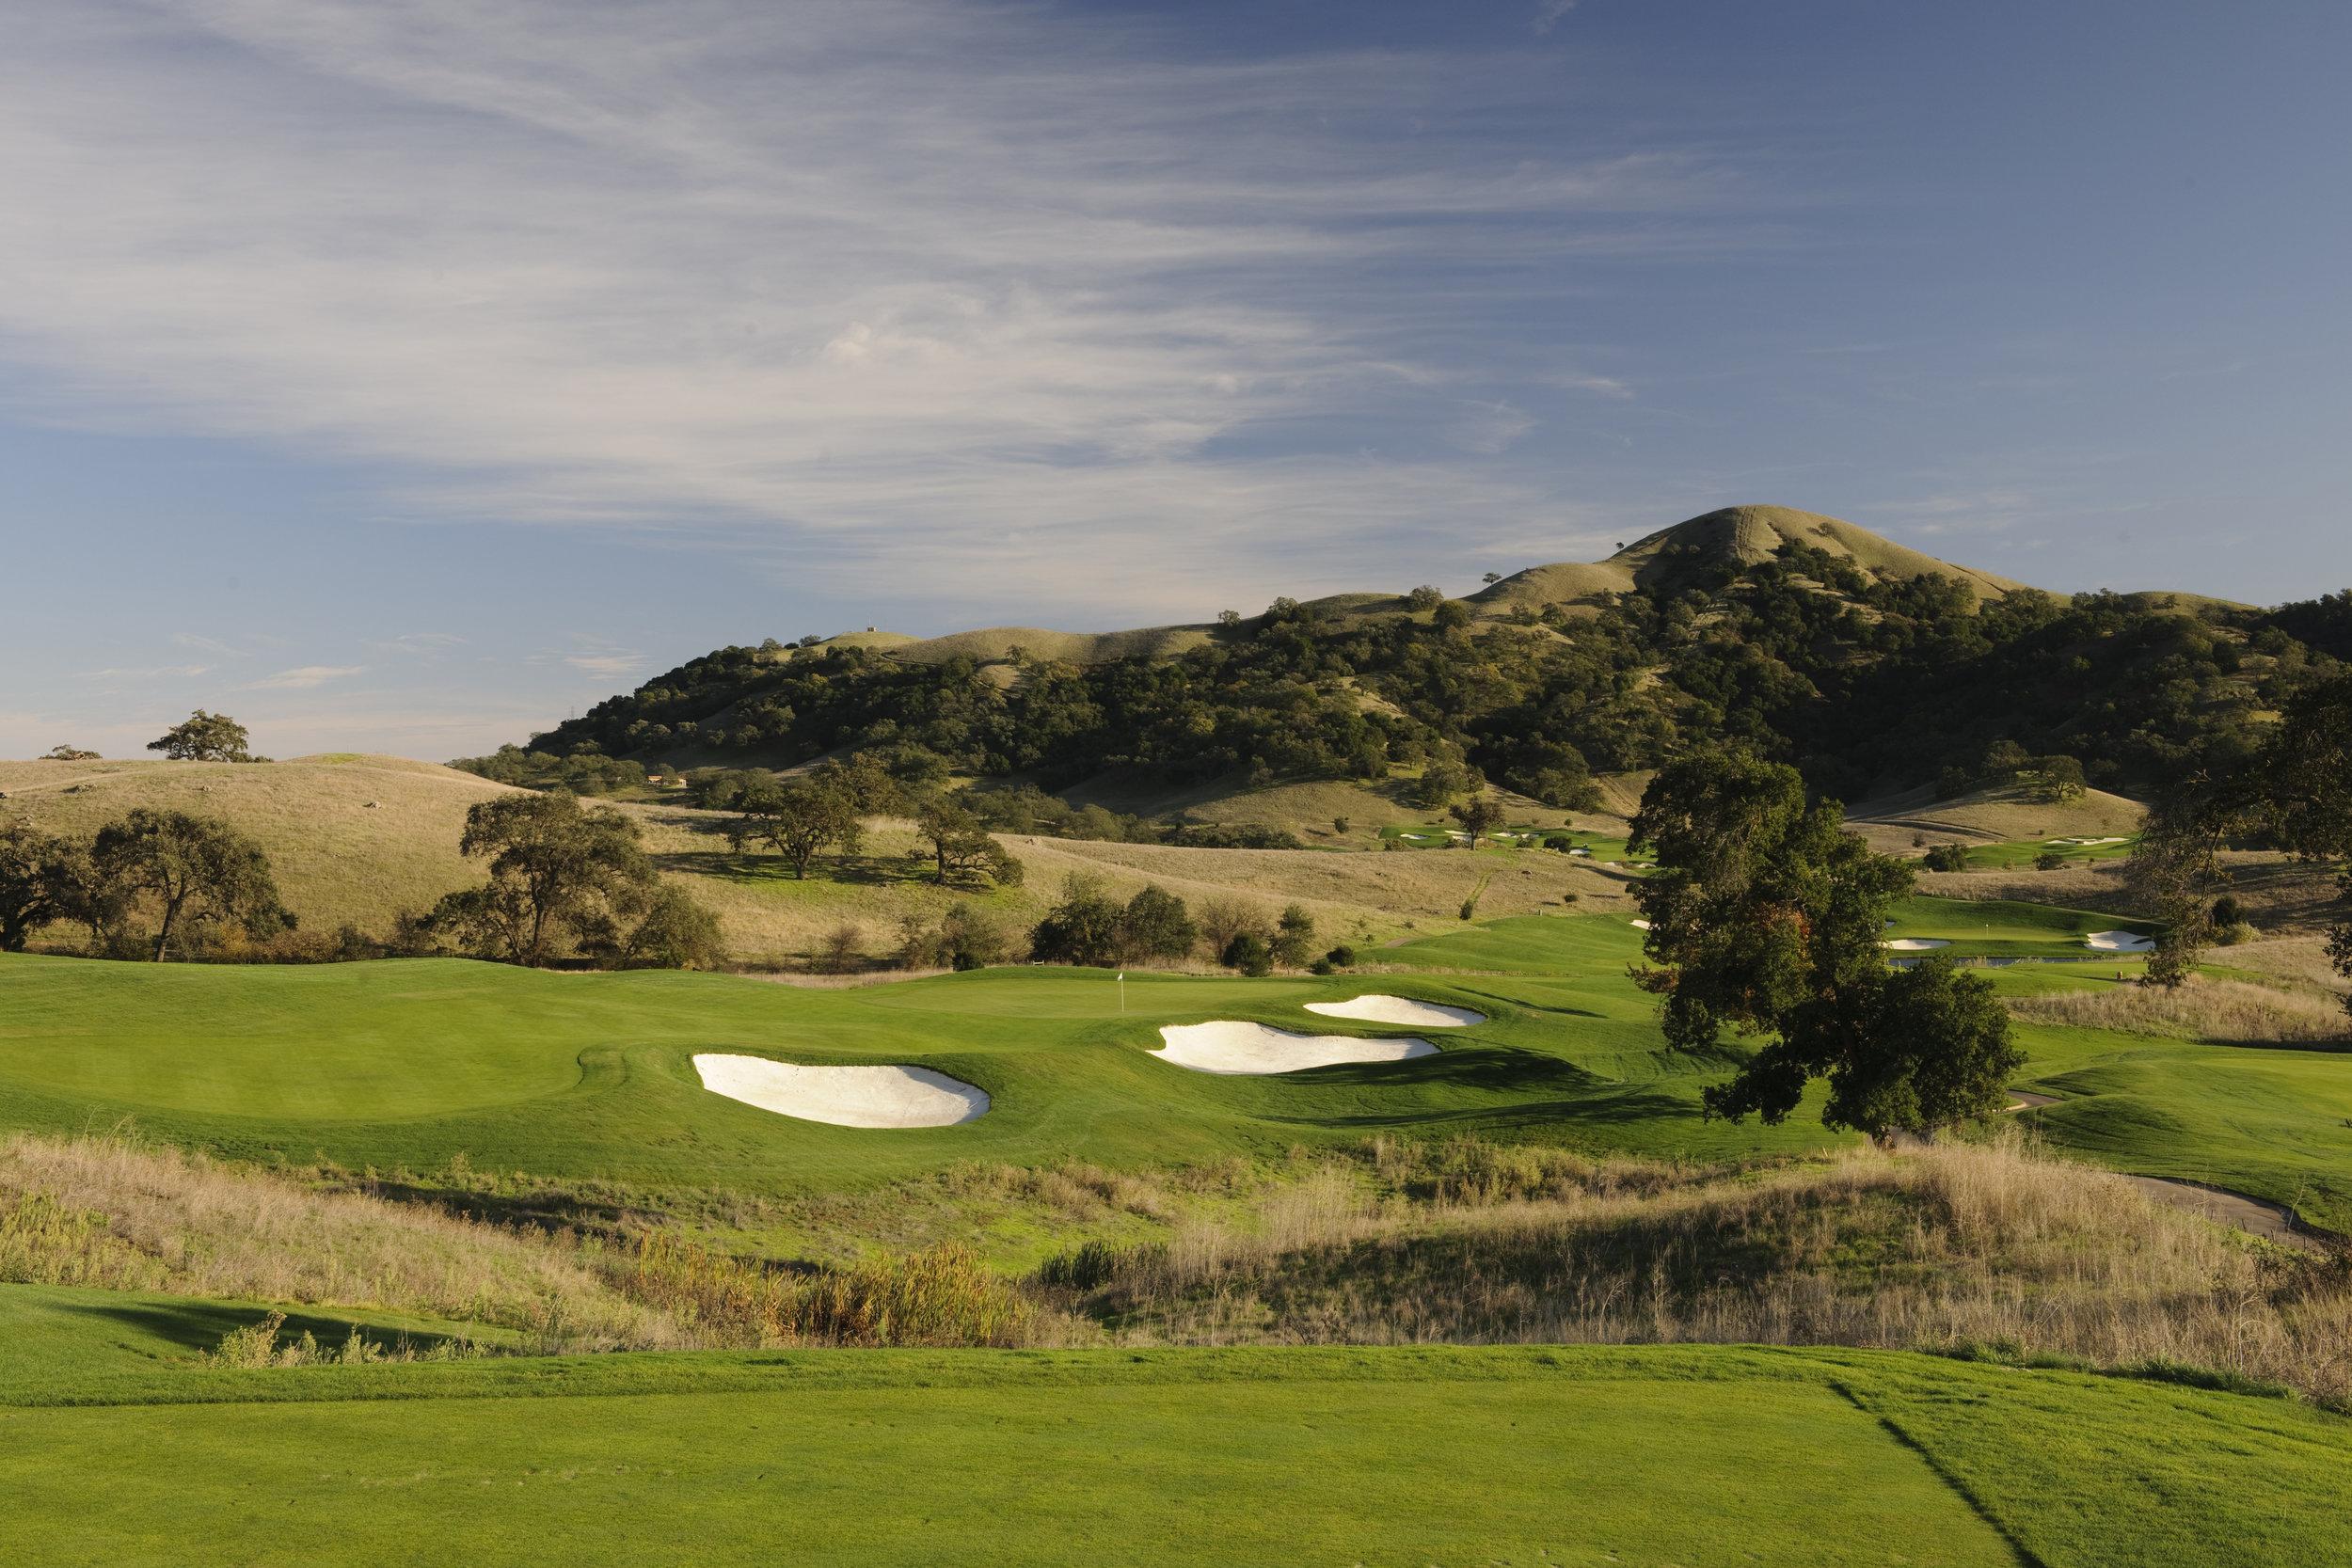 Rosewood CordeValle - 2016 U.S. Womens Open 2010 - 2013 PGA Tour's Fry's.com Open